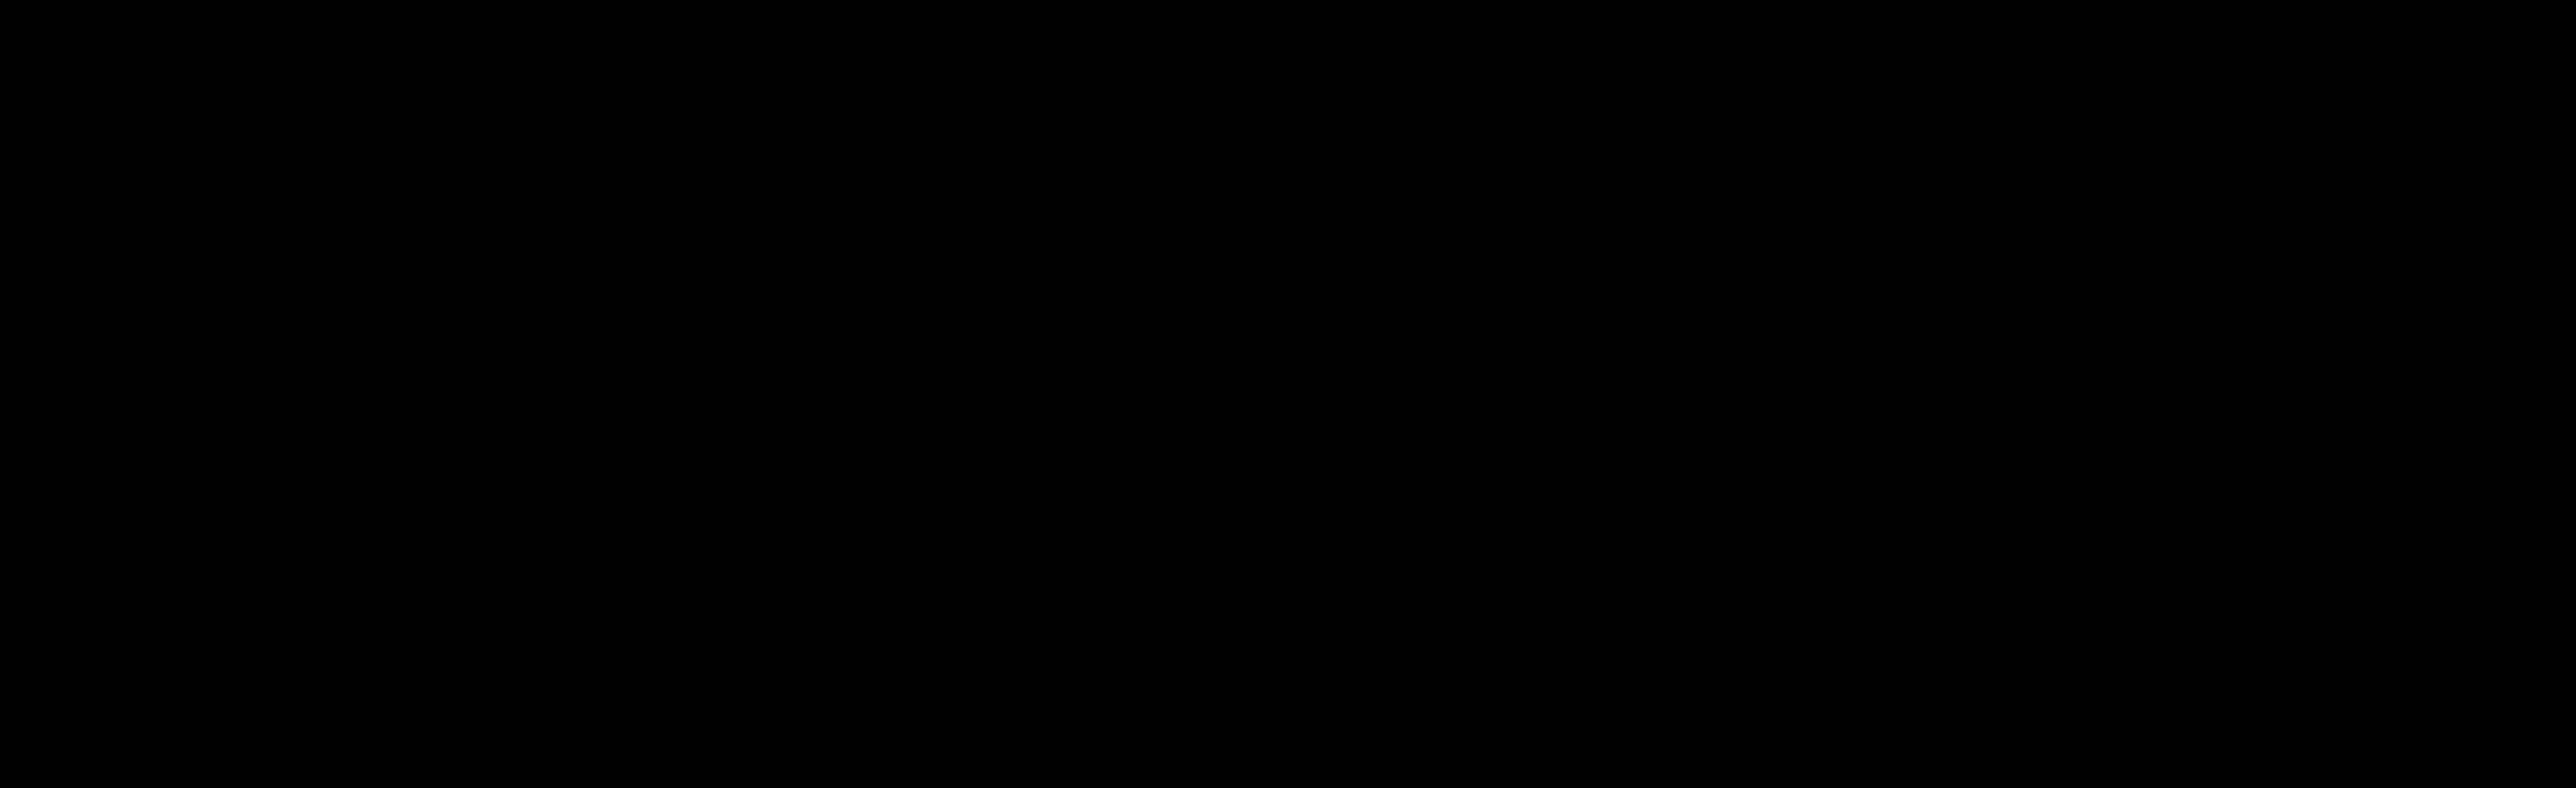 Administração de Condomínios - Condominium